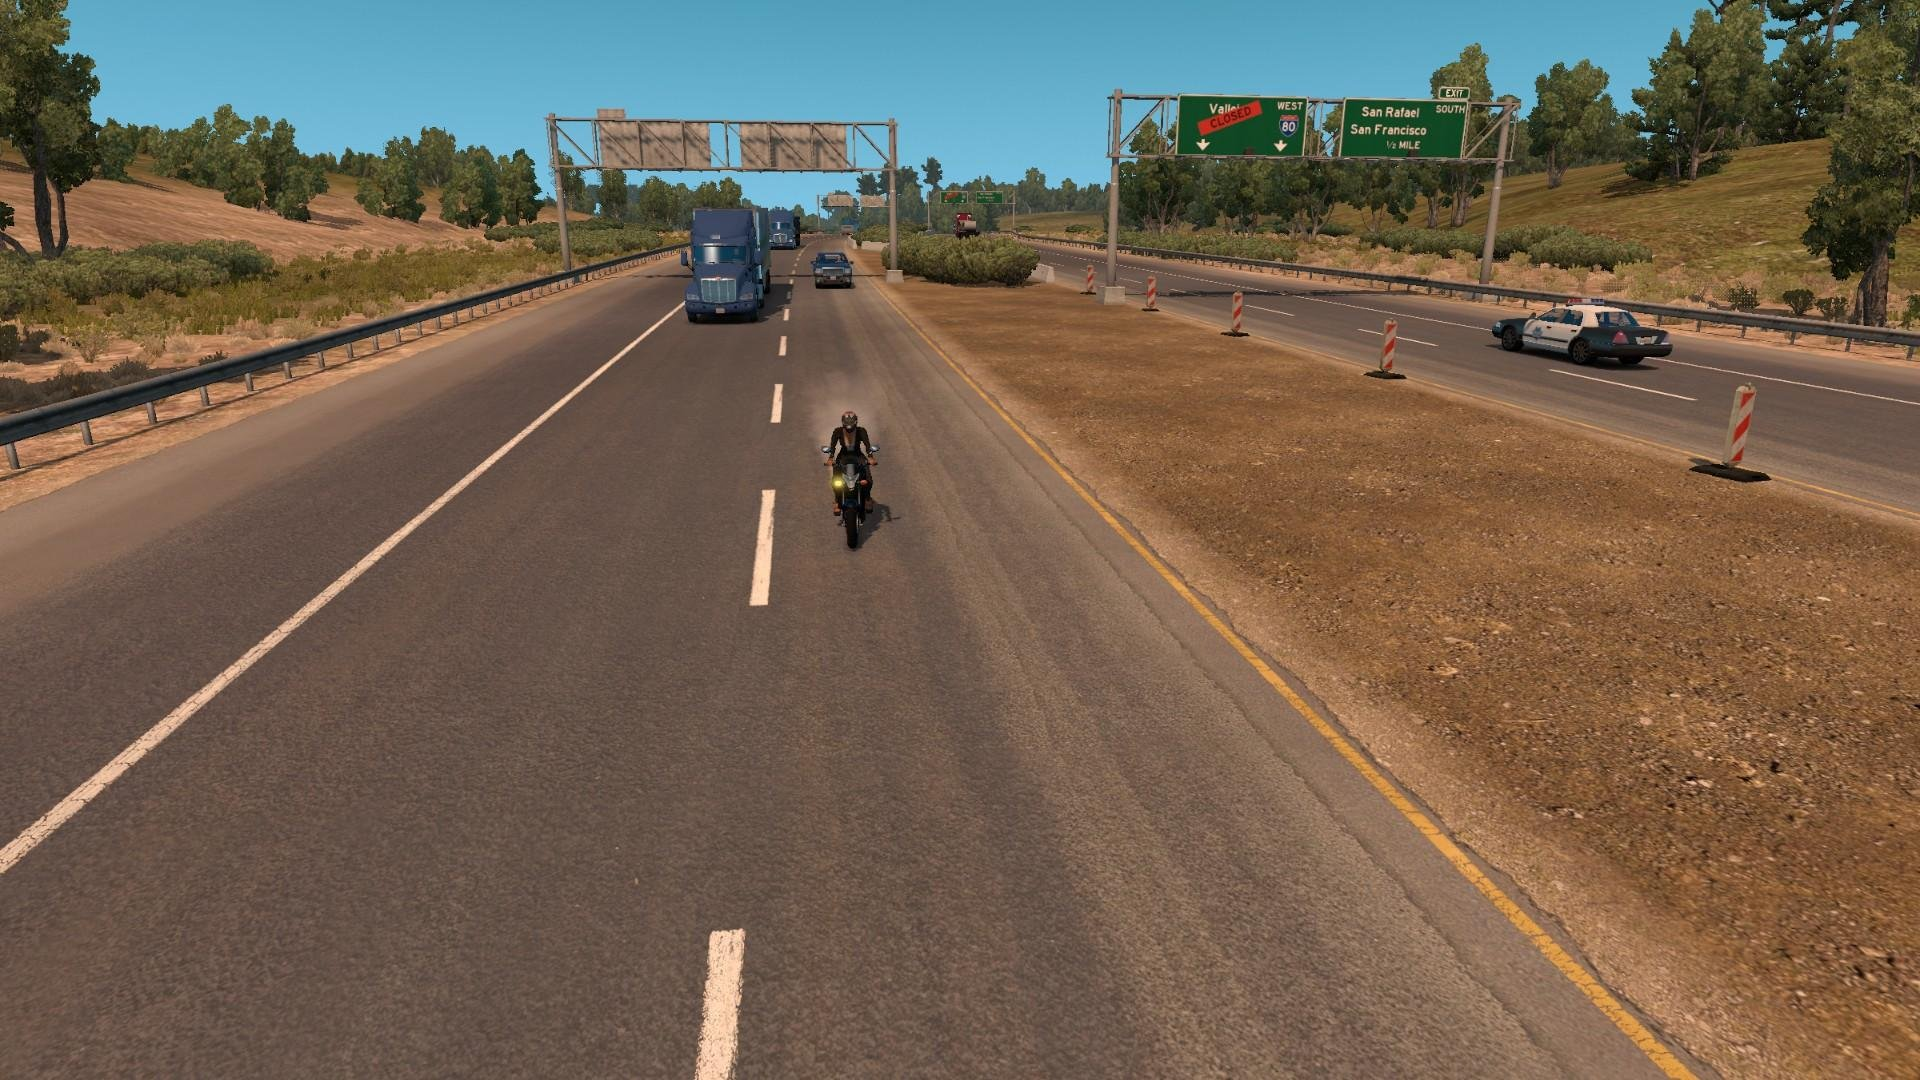 1454698723_3780-motorcycle-in-traffic-1-0-0_3.jpg